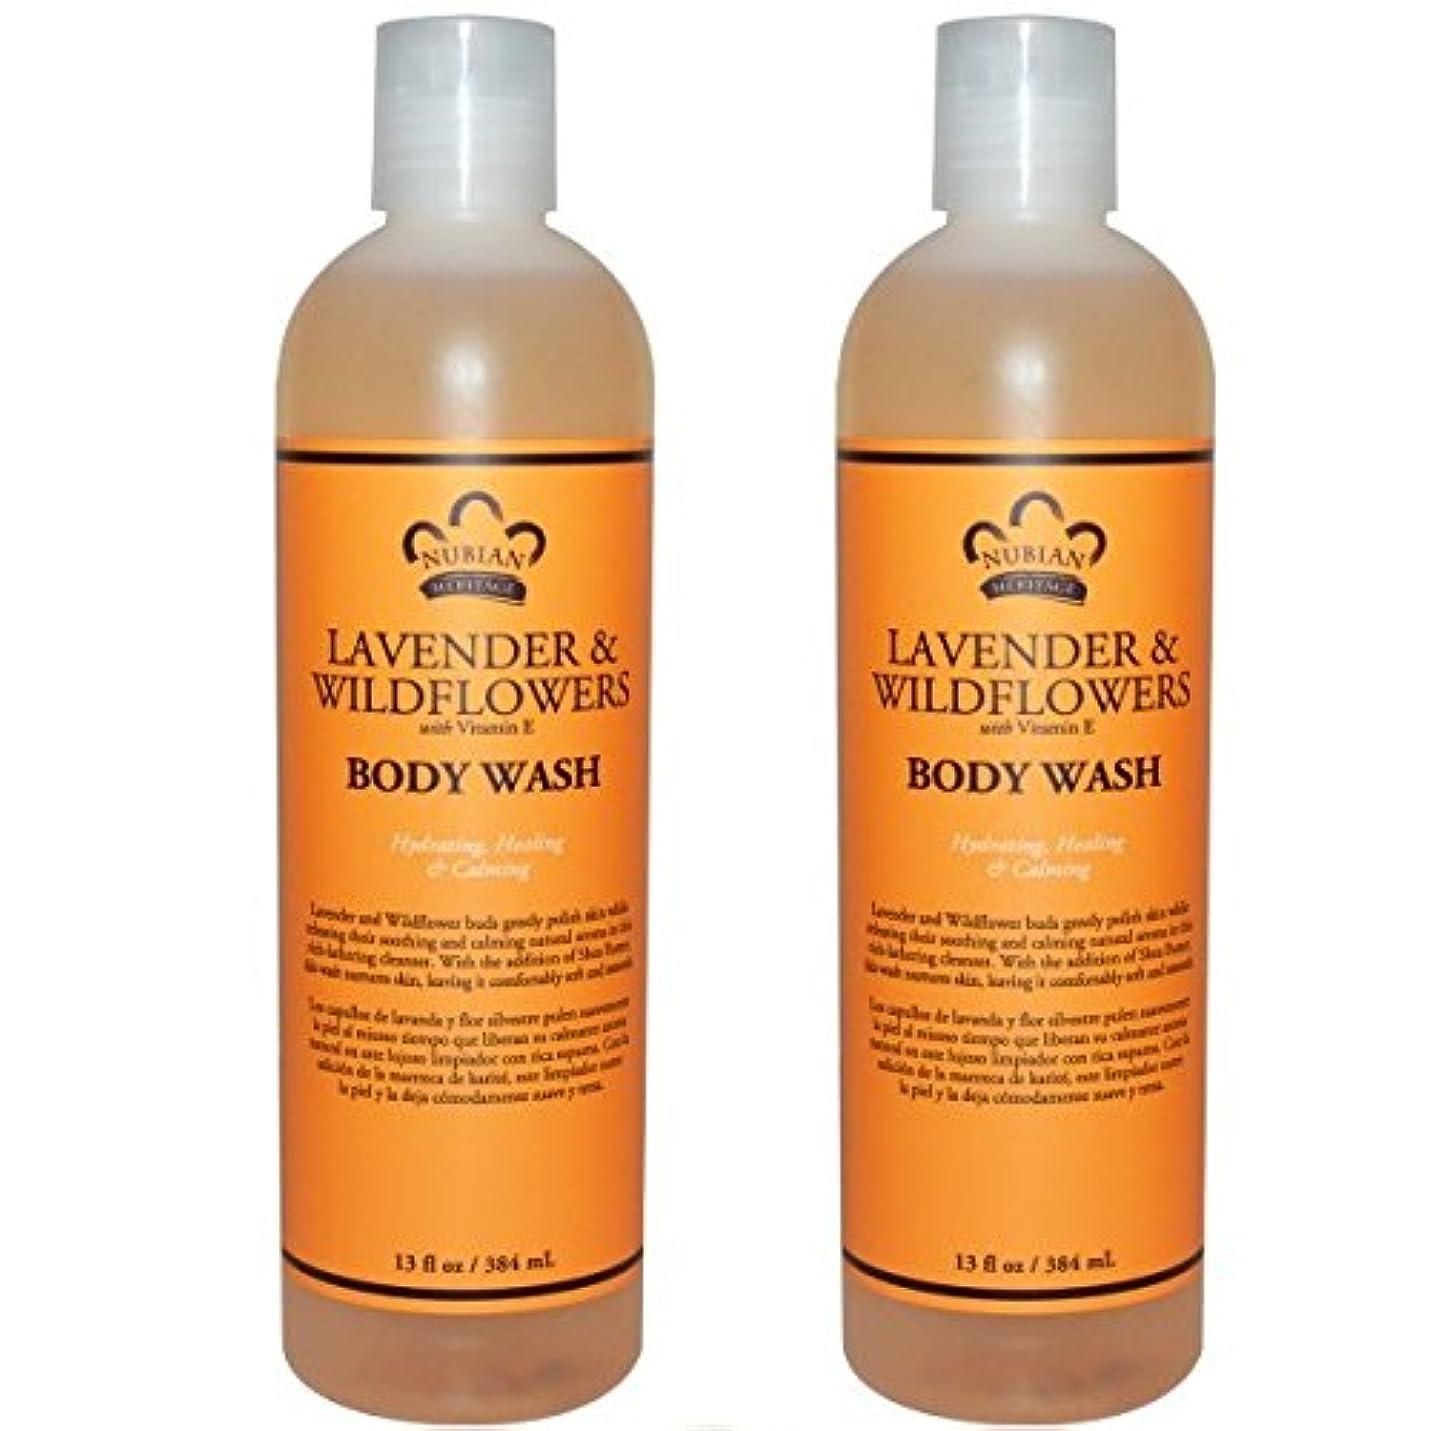 主権者負荷潮【海外直送品】【2本】Nubian Heritage Body Wash Relaxing & Nourishing, Lavender & Wildflowers - 13 fl oz (384 ml)